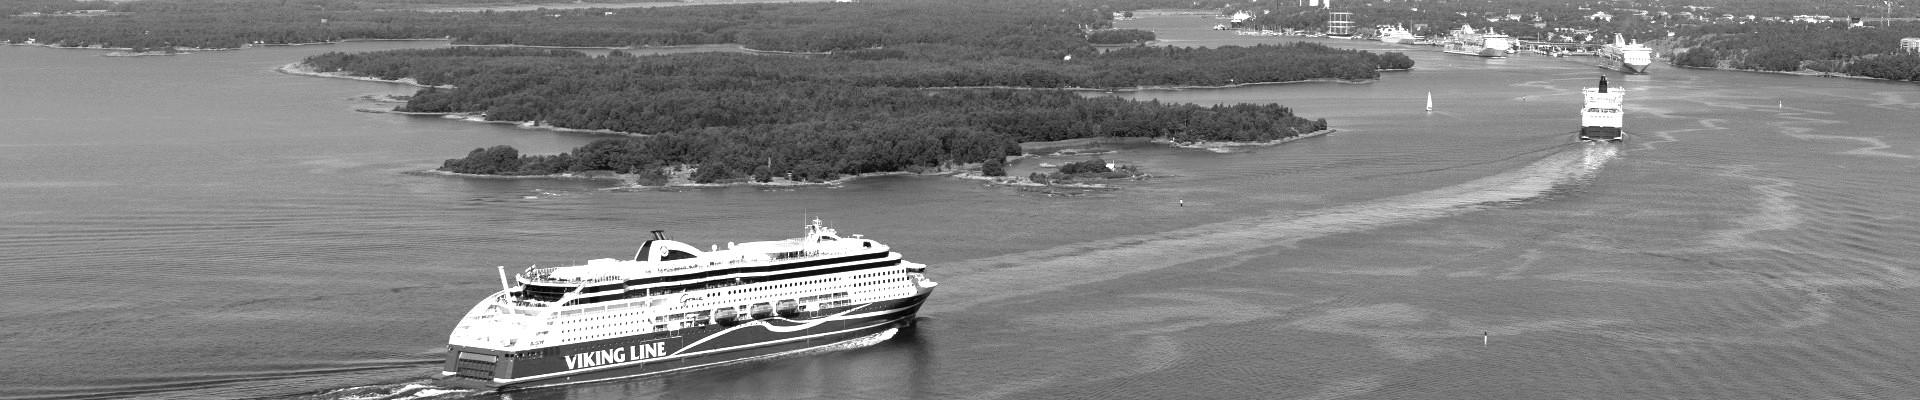 Åland Islands tax exemption LVCR